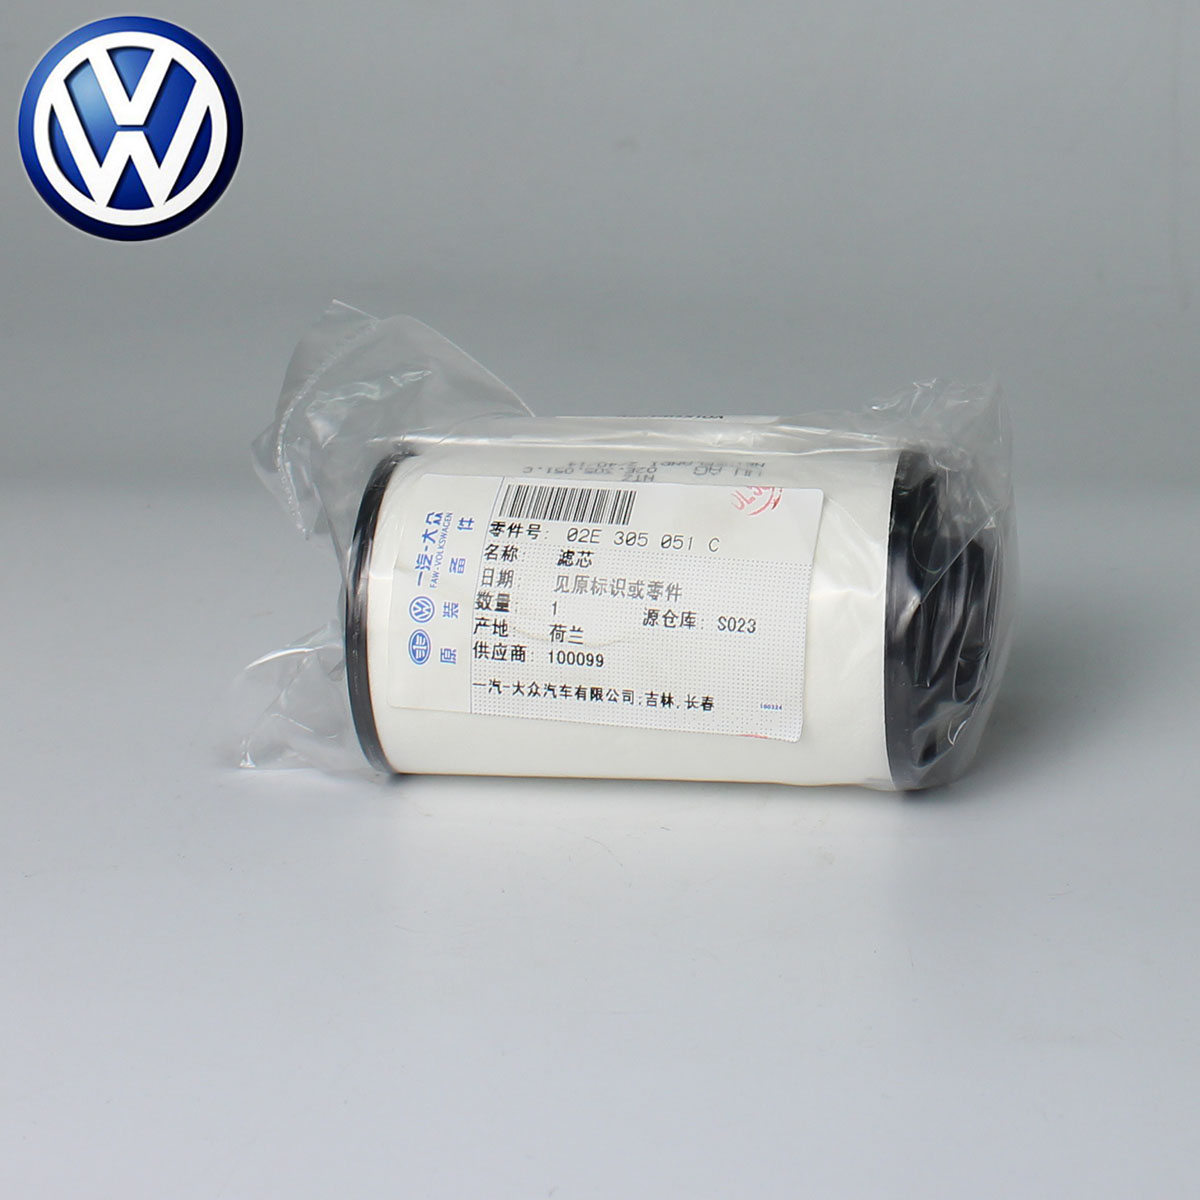 OEM 02E 305 051 C Auto Trans Filter Kit for VW Passat CC/NF Golf MK6 Passat B6/B7 Jetta MK6 5pcs 1 8t 2 0t fuel injection system high pressure fuel pump for vw golf mk6 cc jetta passat b6 eos 1j0 907 660b 1j0 907 660 b